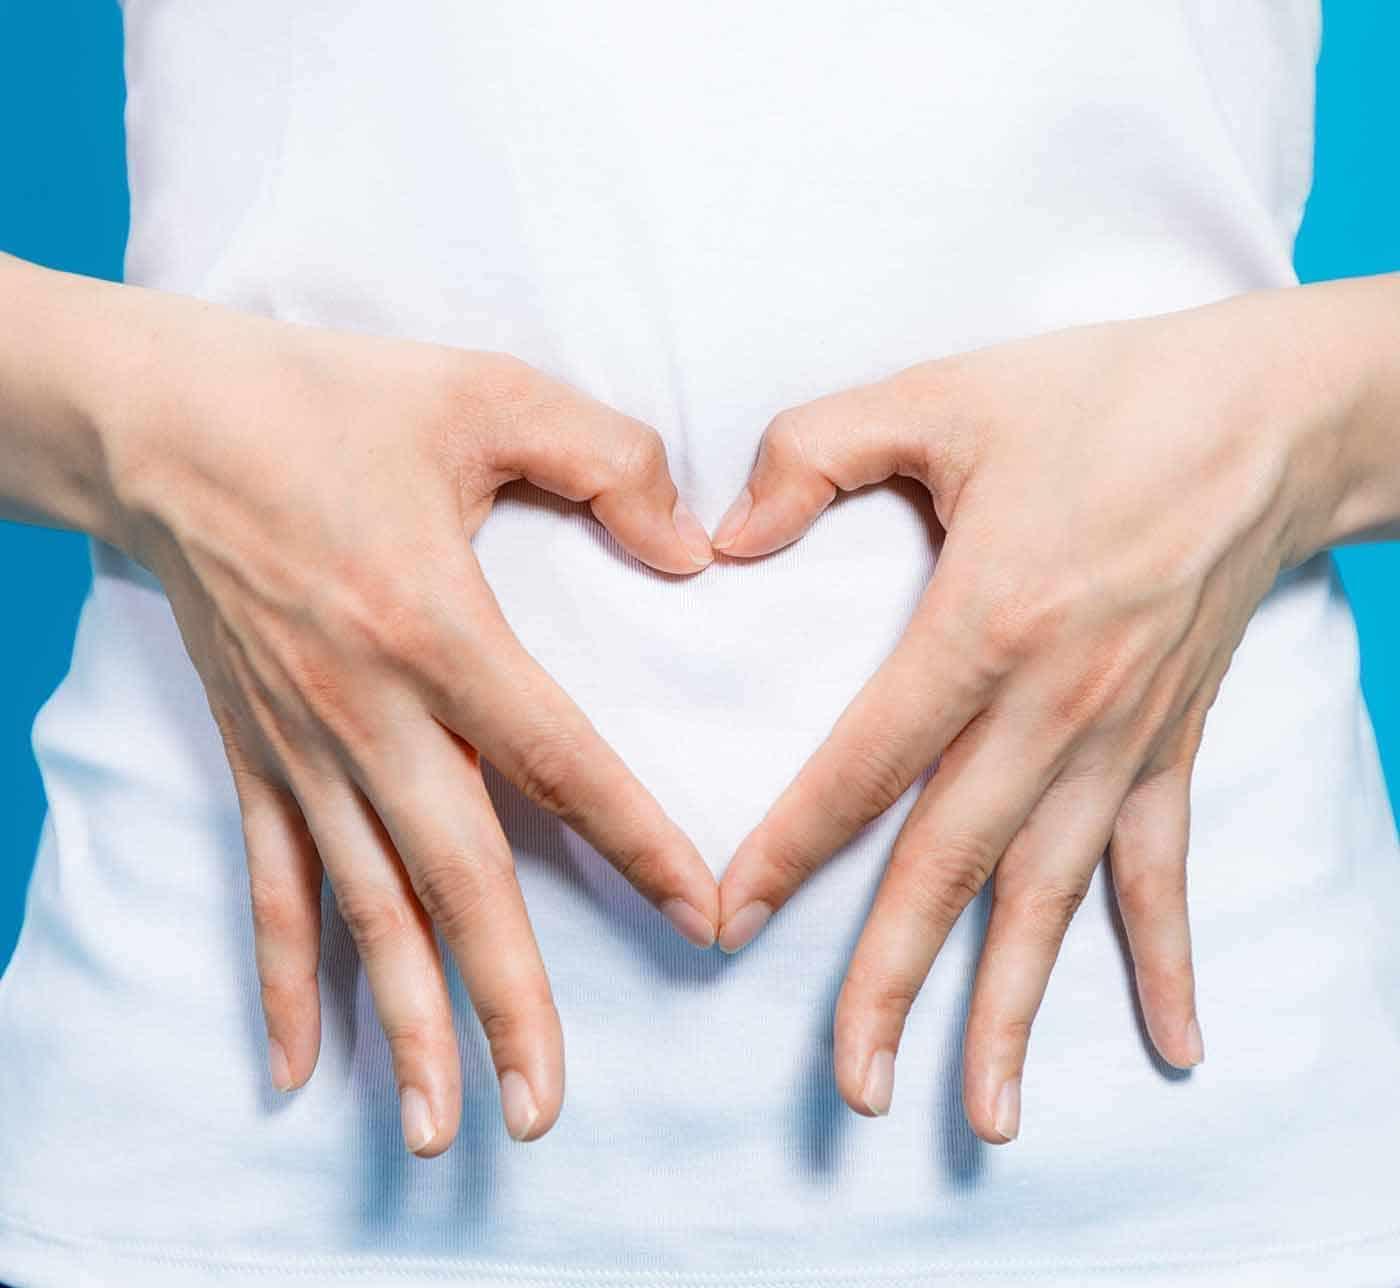 Probiotische Bakterien sind lebende Mikroorganismen, die einen gesundheitlichen Vorteil bringen, wenn sie in ausreichender Menge in den Darm gelangen.